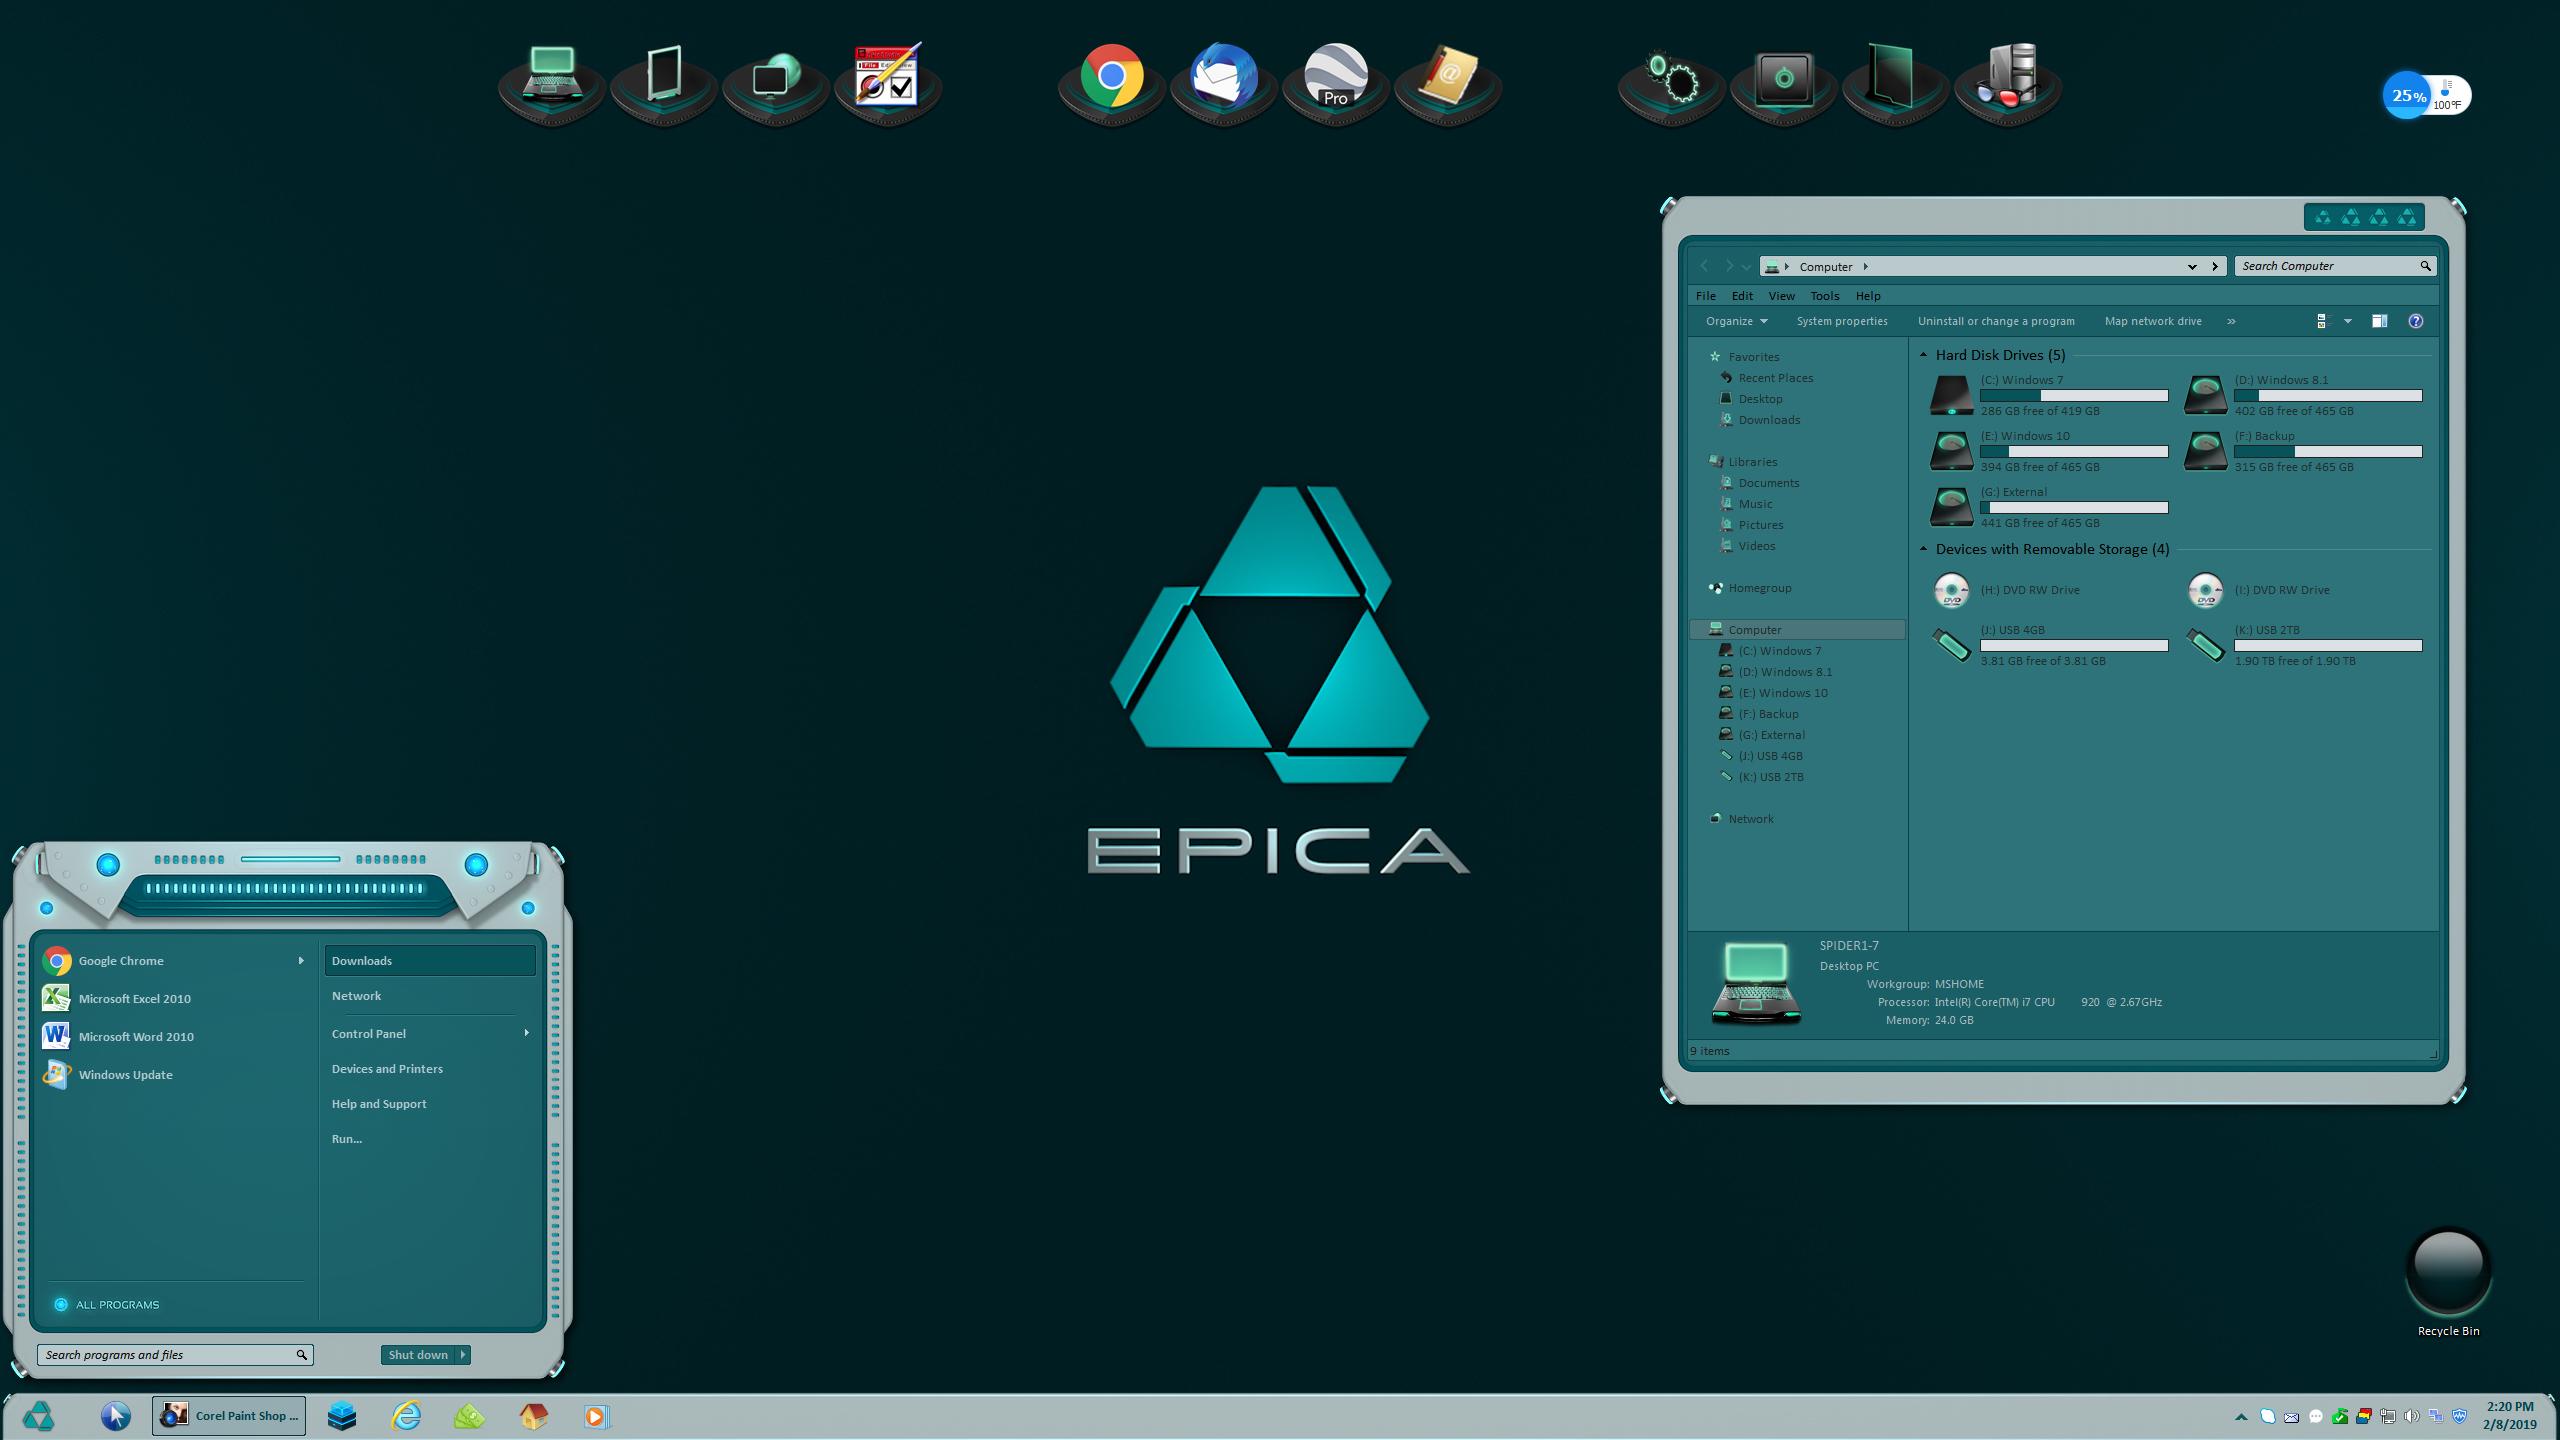 Epica for Windowblinds